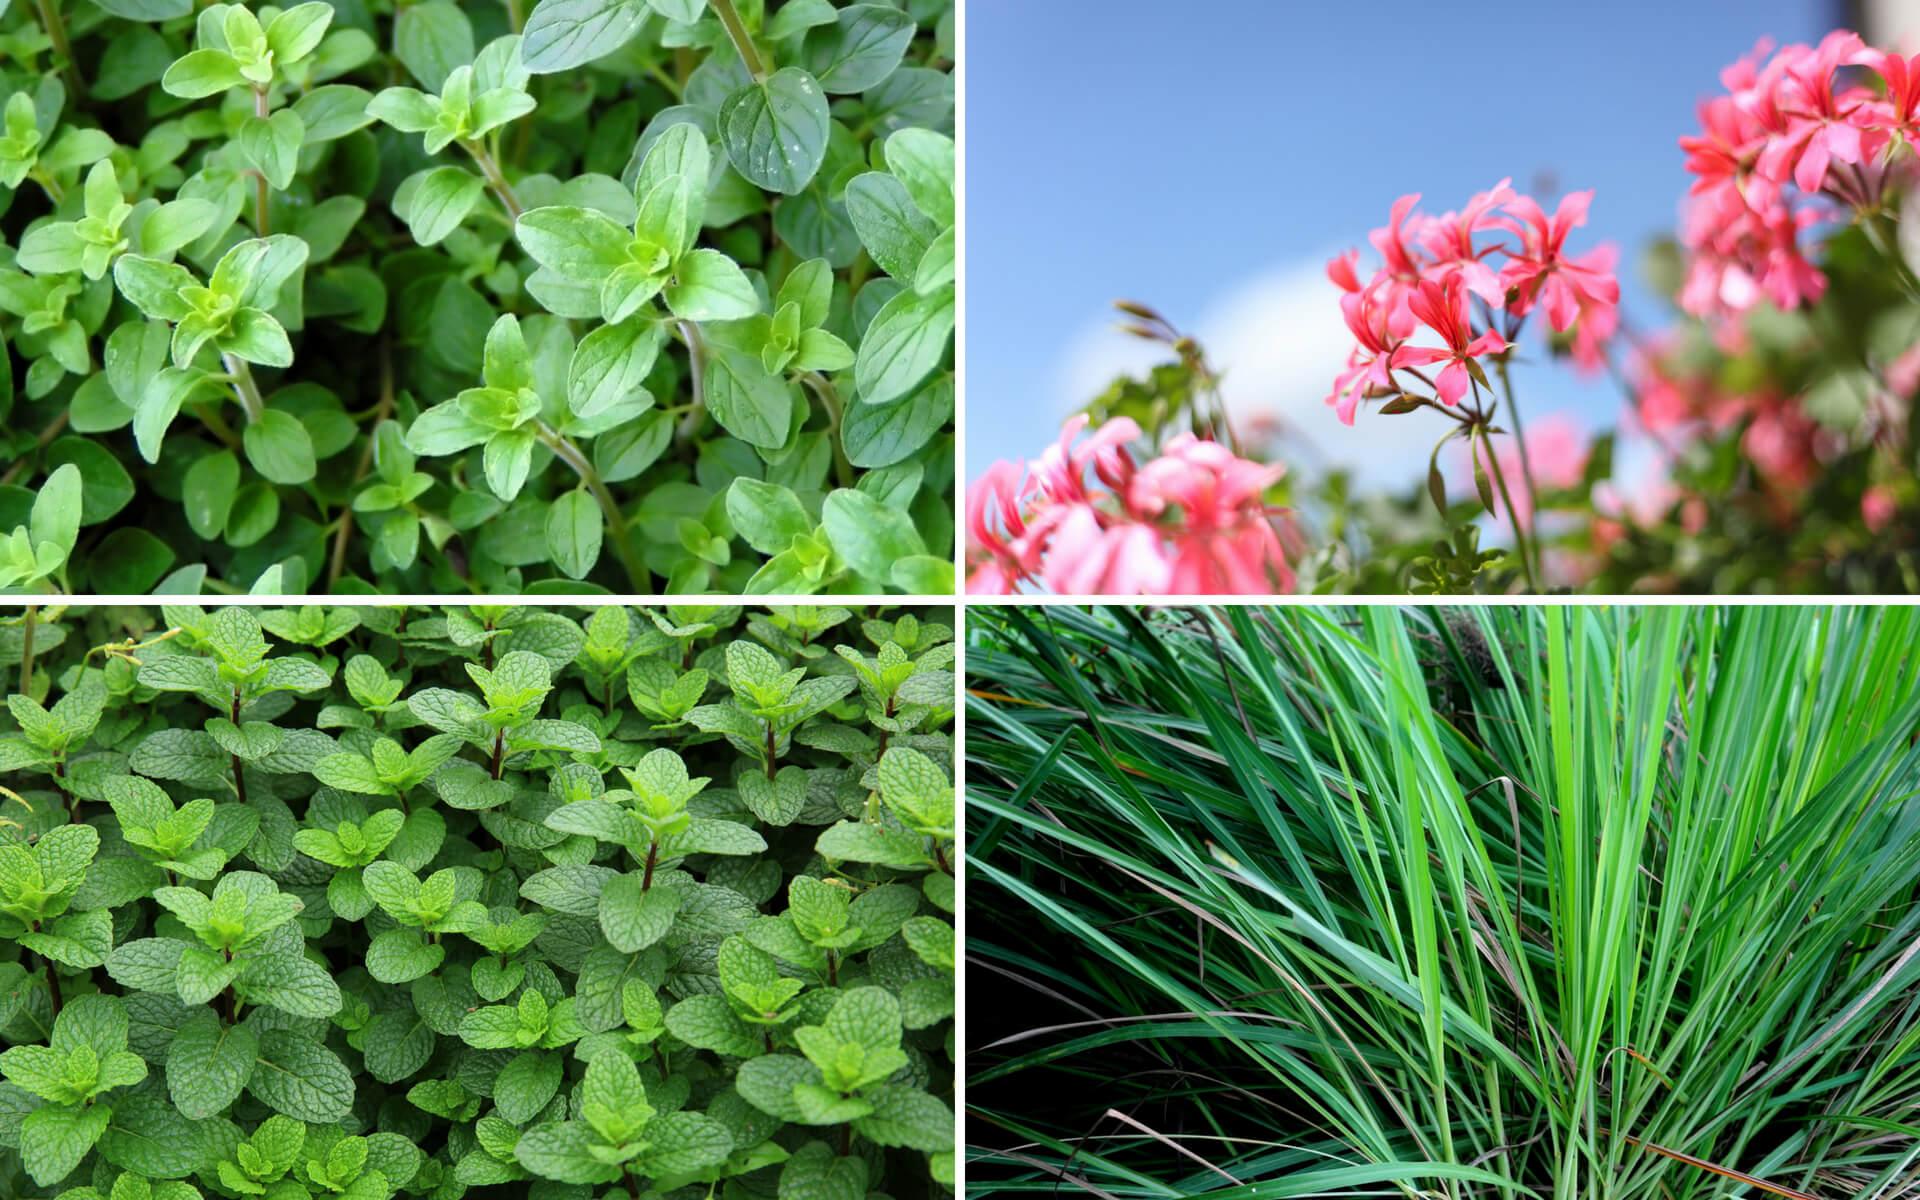 Le migliori piante e i fiori per tenere lontane le zanzare dal proprio giardino o dal proprio terrazzo